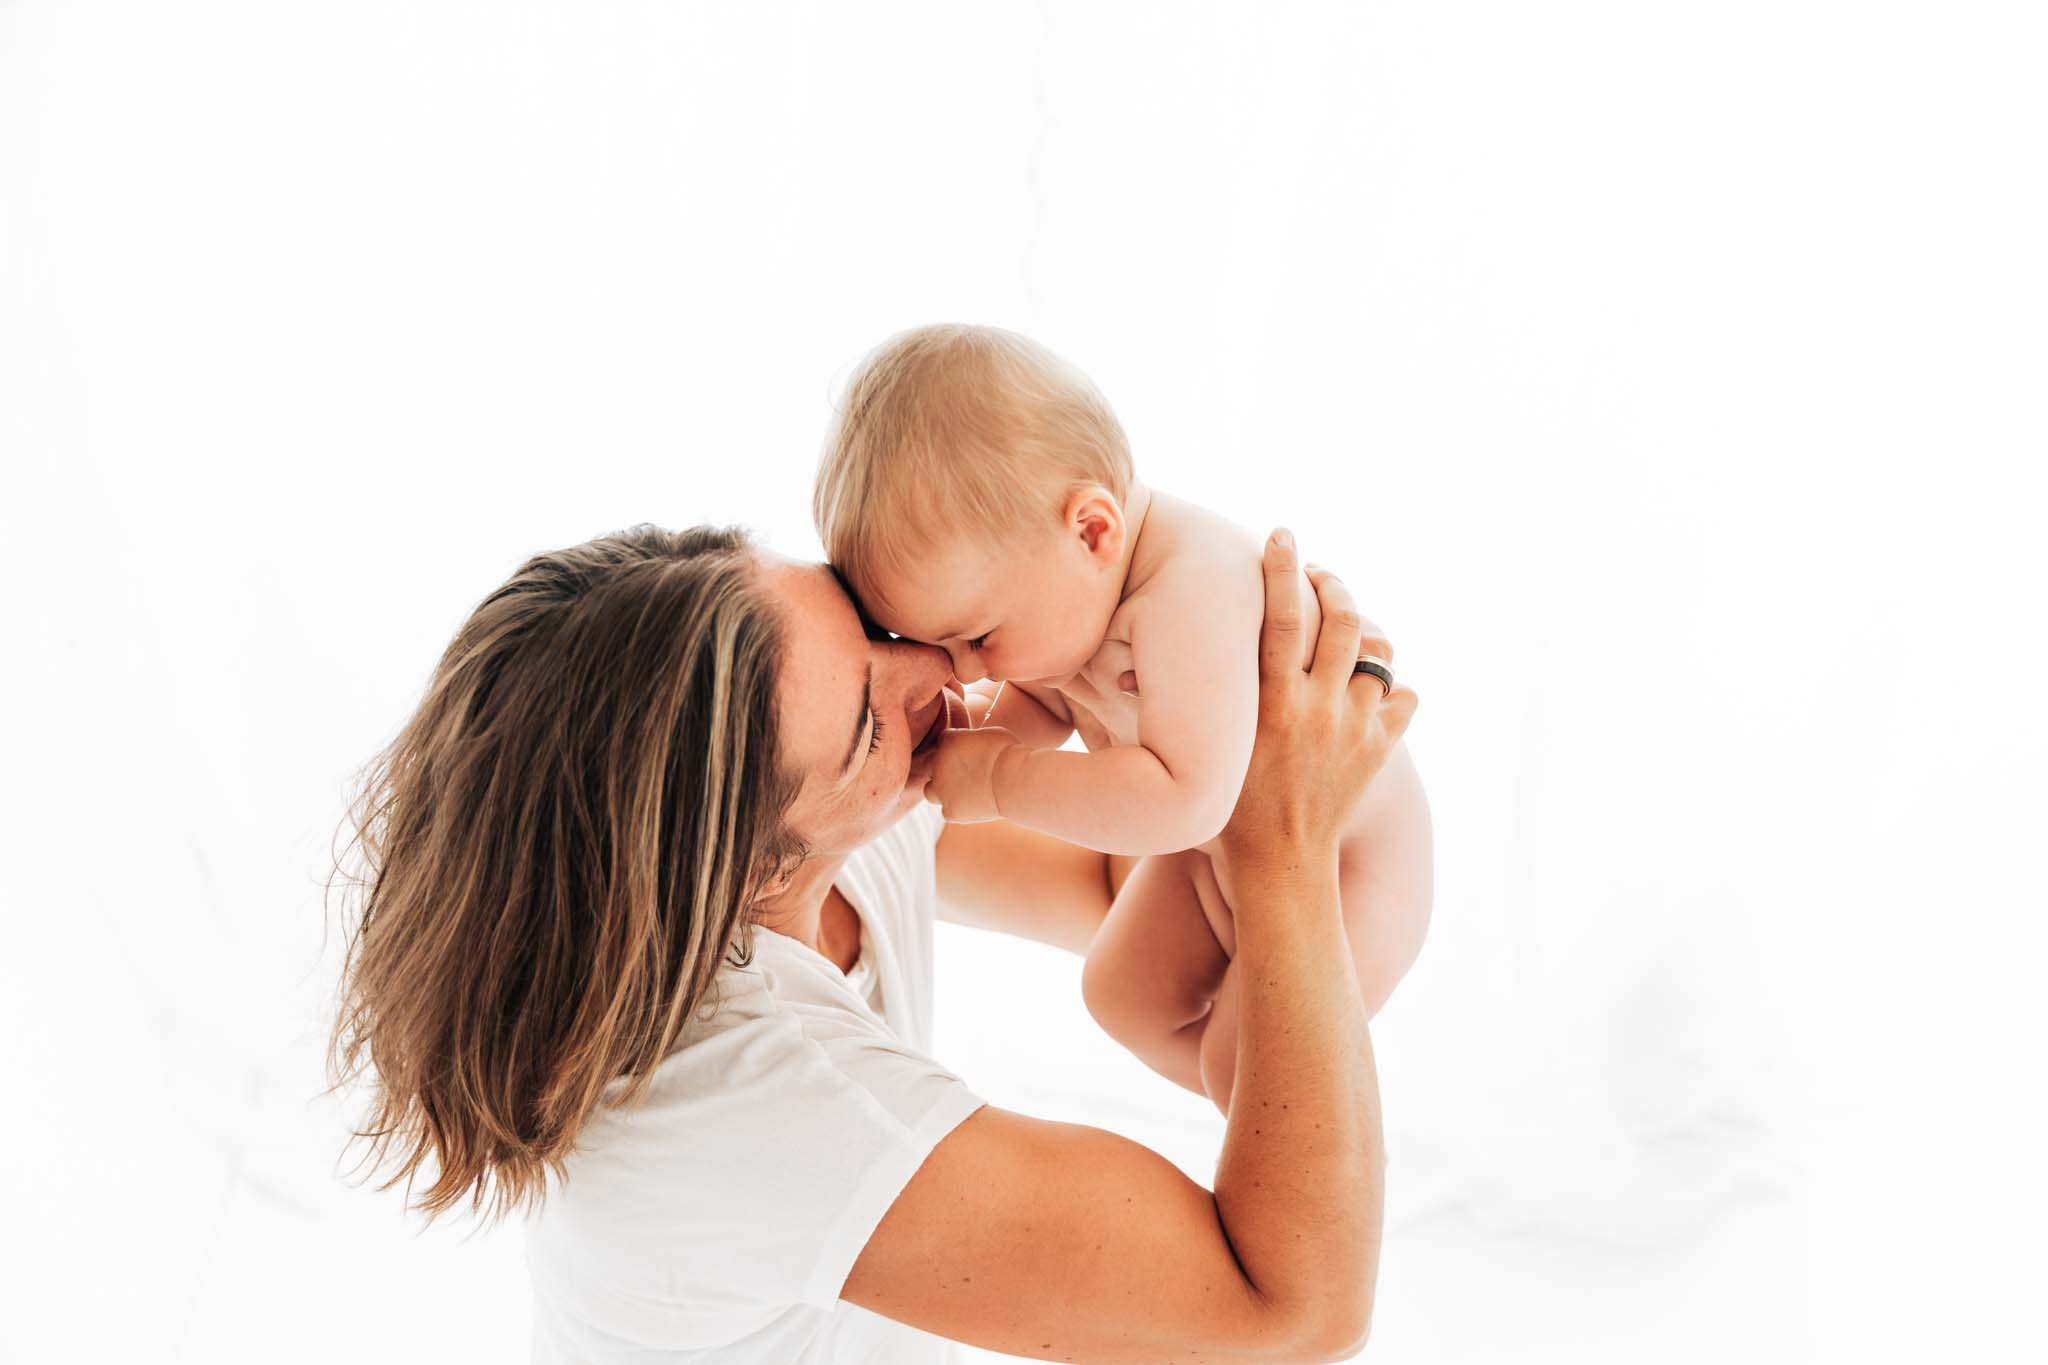 Babyfotograf München: Babyfoto Mama mit Kind